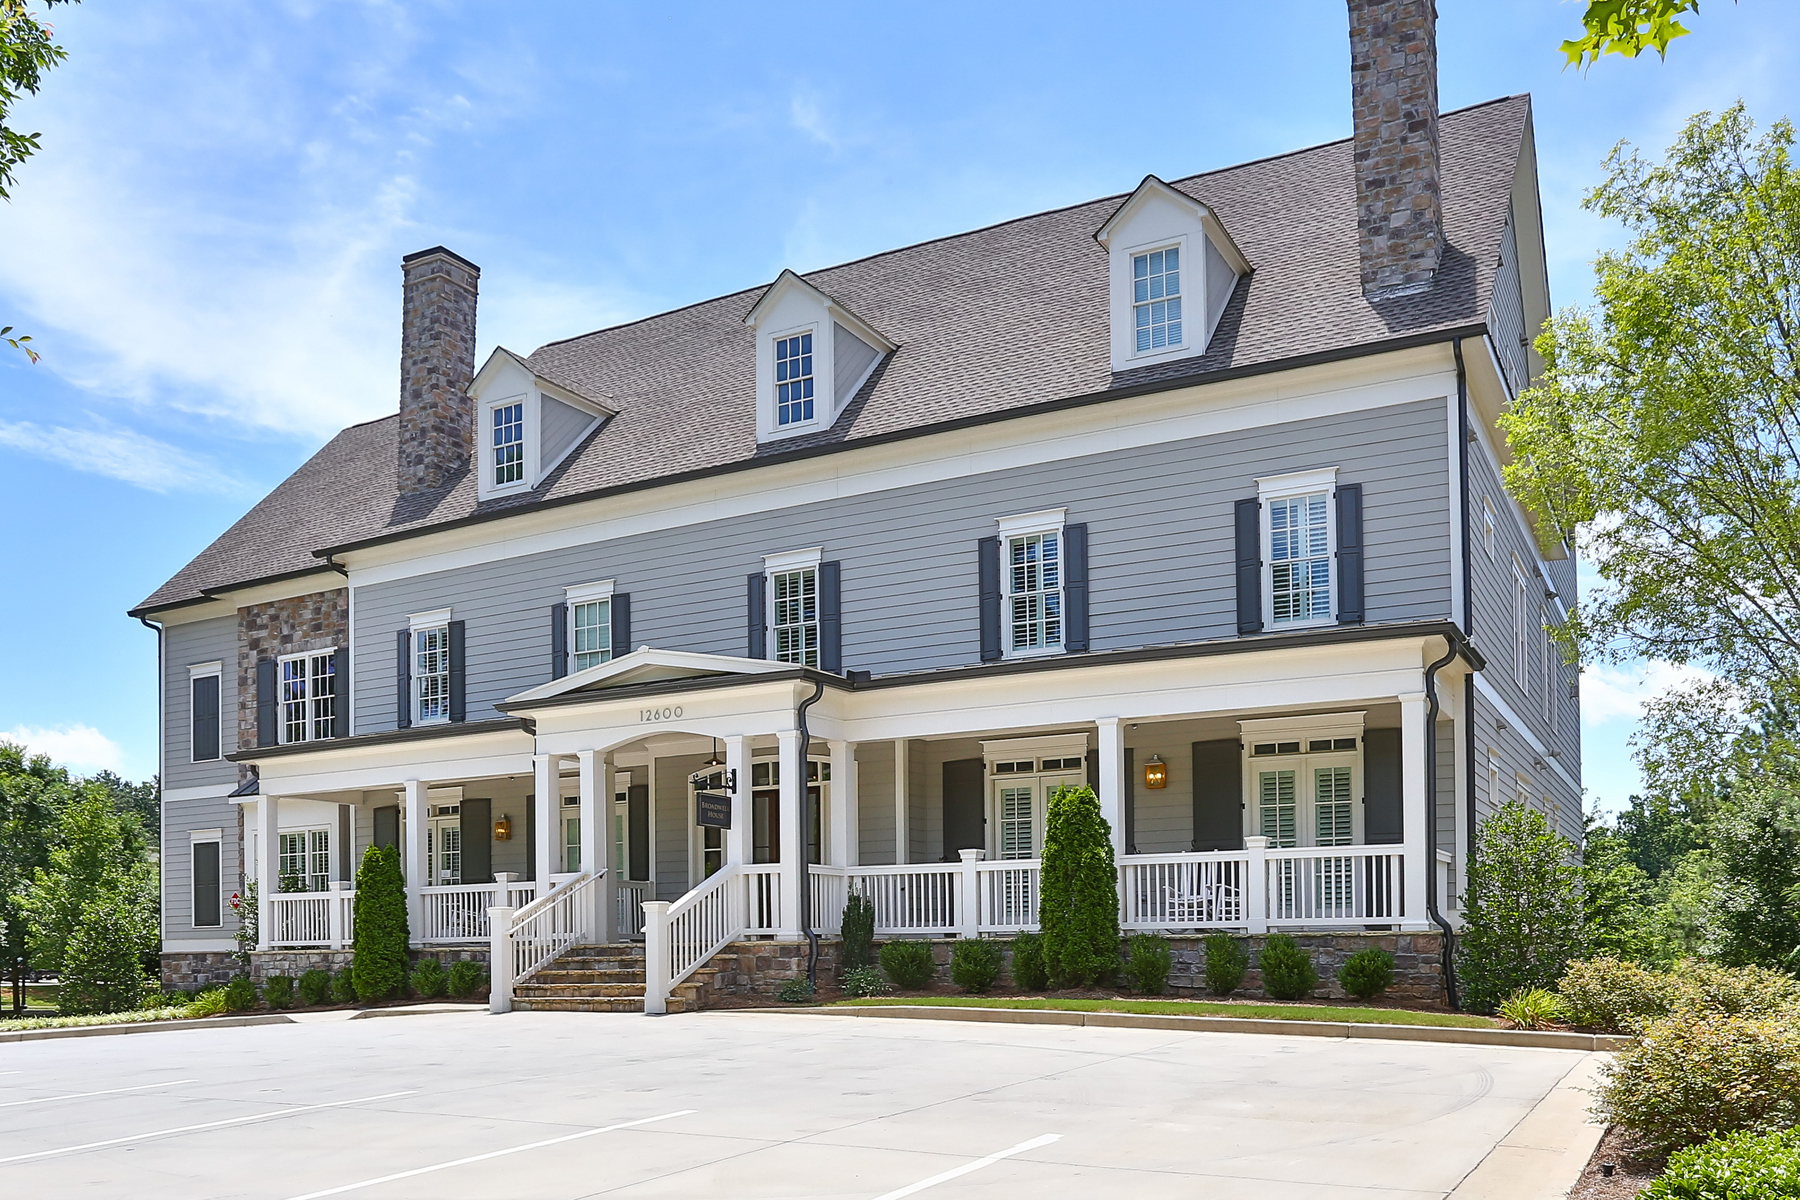 Condominium for Rent at Condo Living In The Heart of Crabapple 12600 Marstrow Drive No. C Alpharetta, Georgia 30004 United States